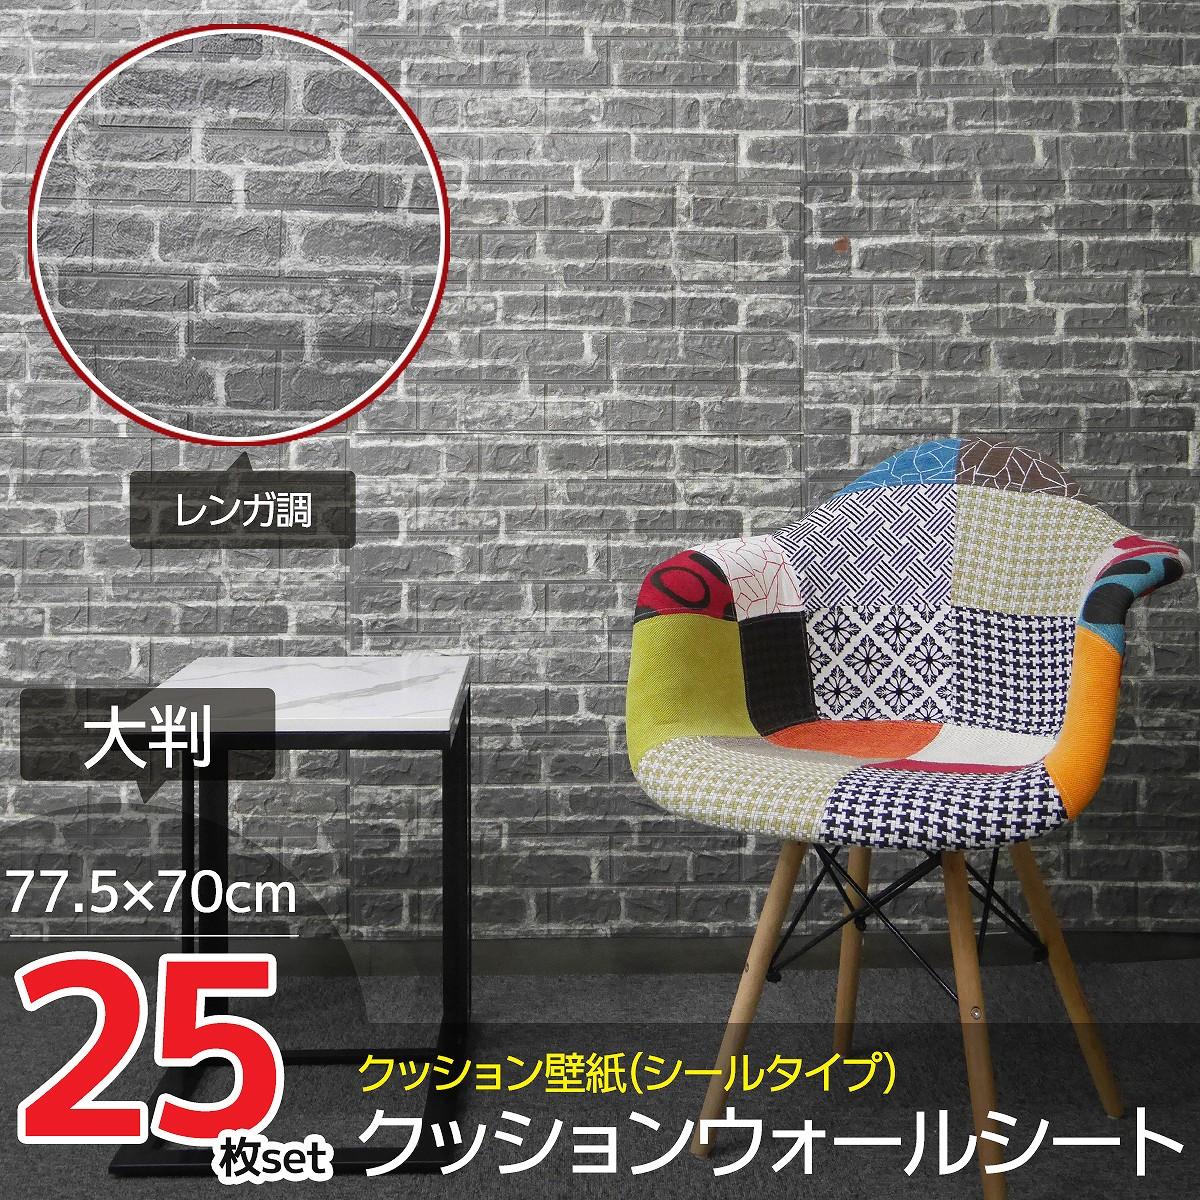 【予約】25枚set DIY 3D 壁紙 クッションブリック壁紙シール デザイン立体パネル レンガ調 ウォールステッカー クッション 簡単リフォーム【KB-73】